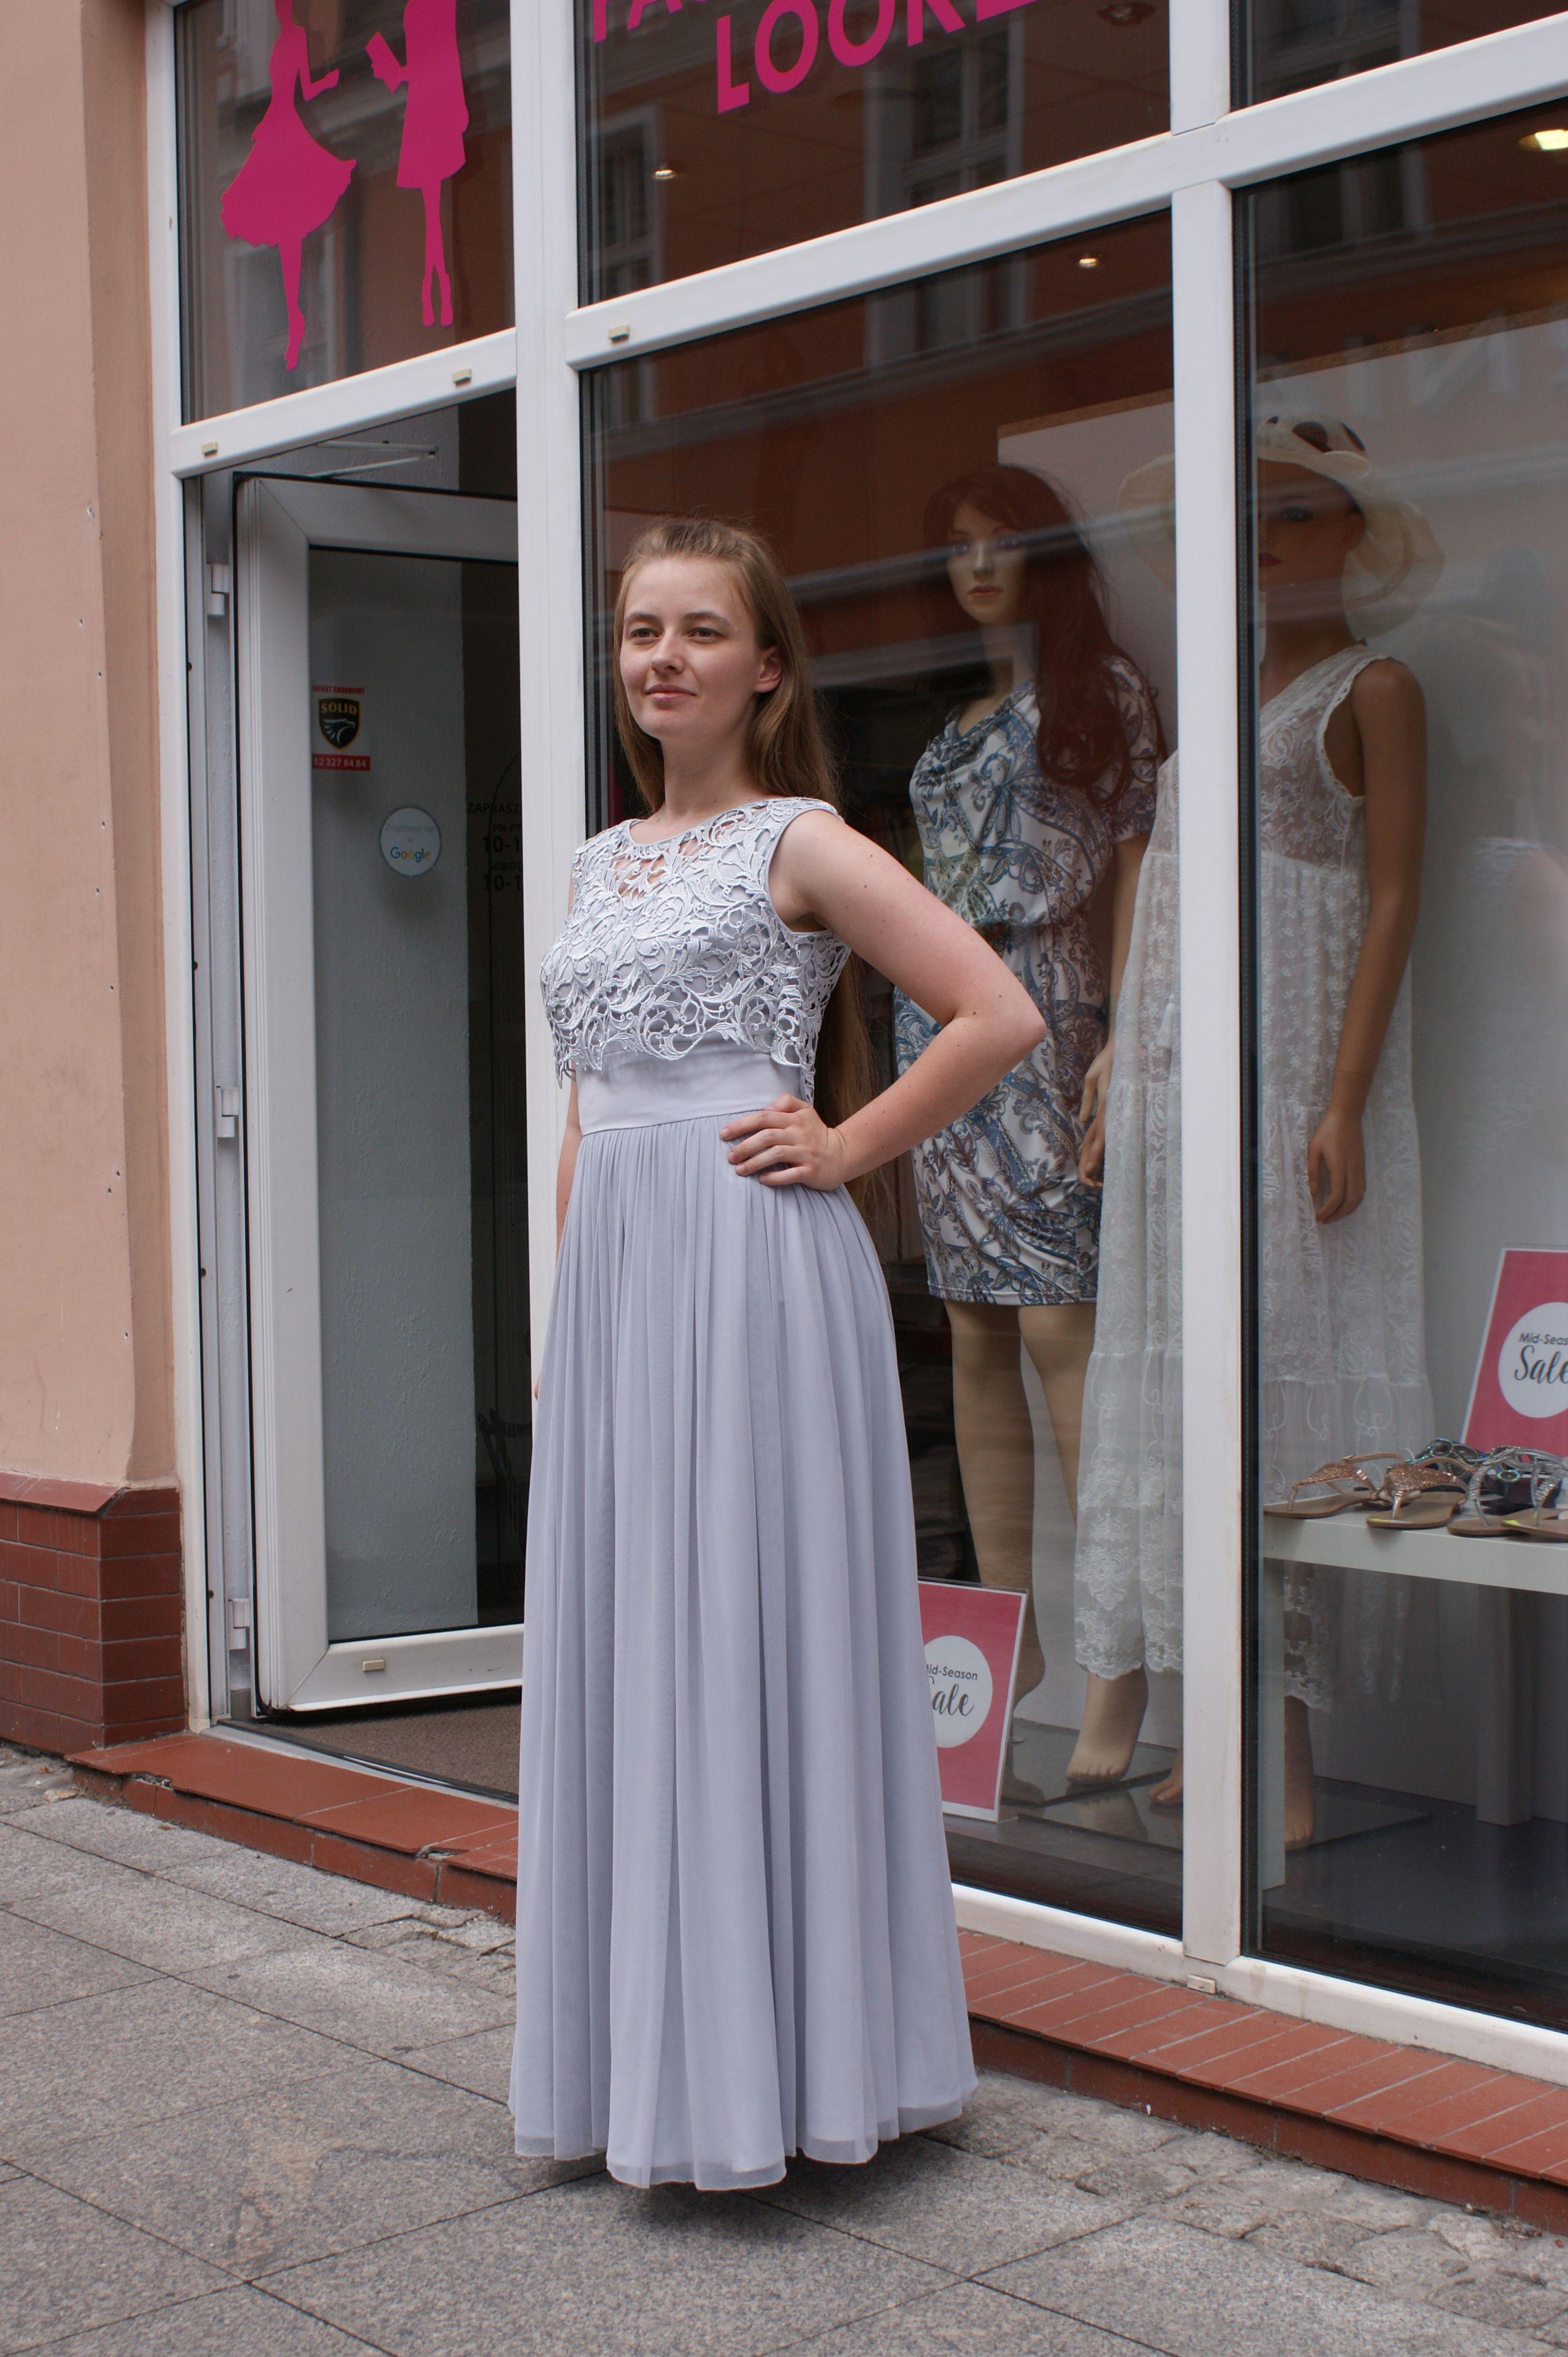 e6858294db Butik Fashion Look Przepiękne